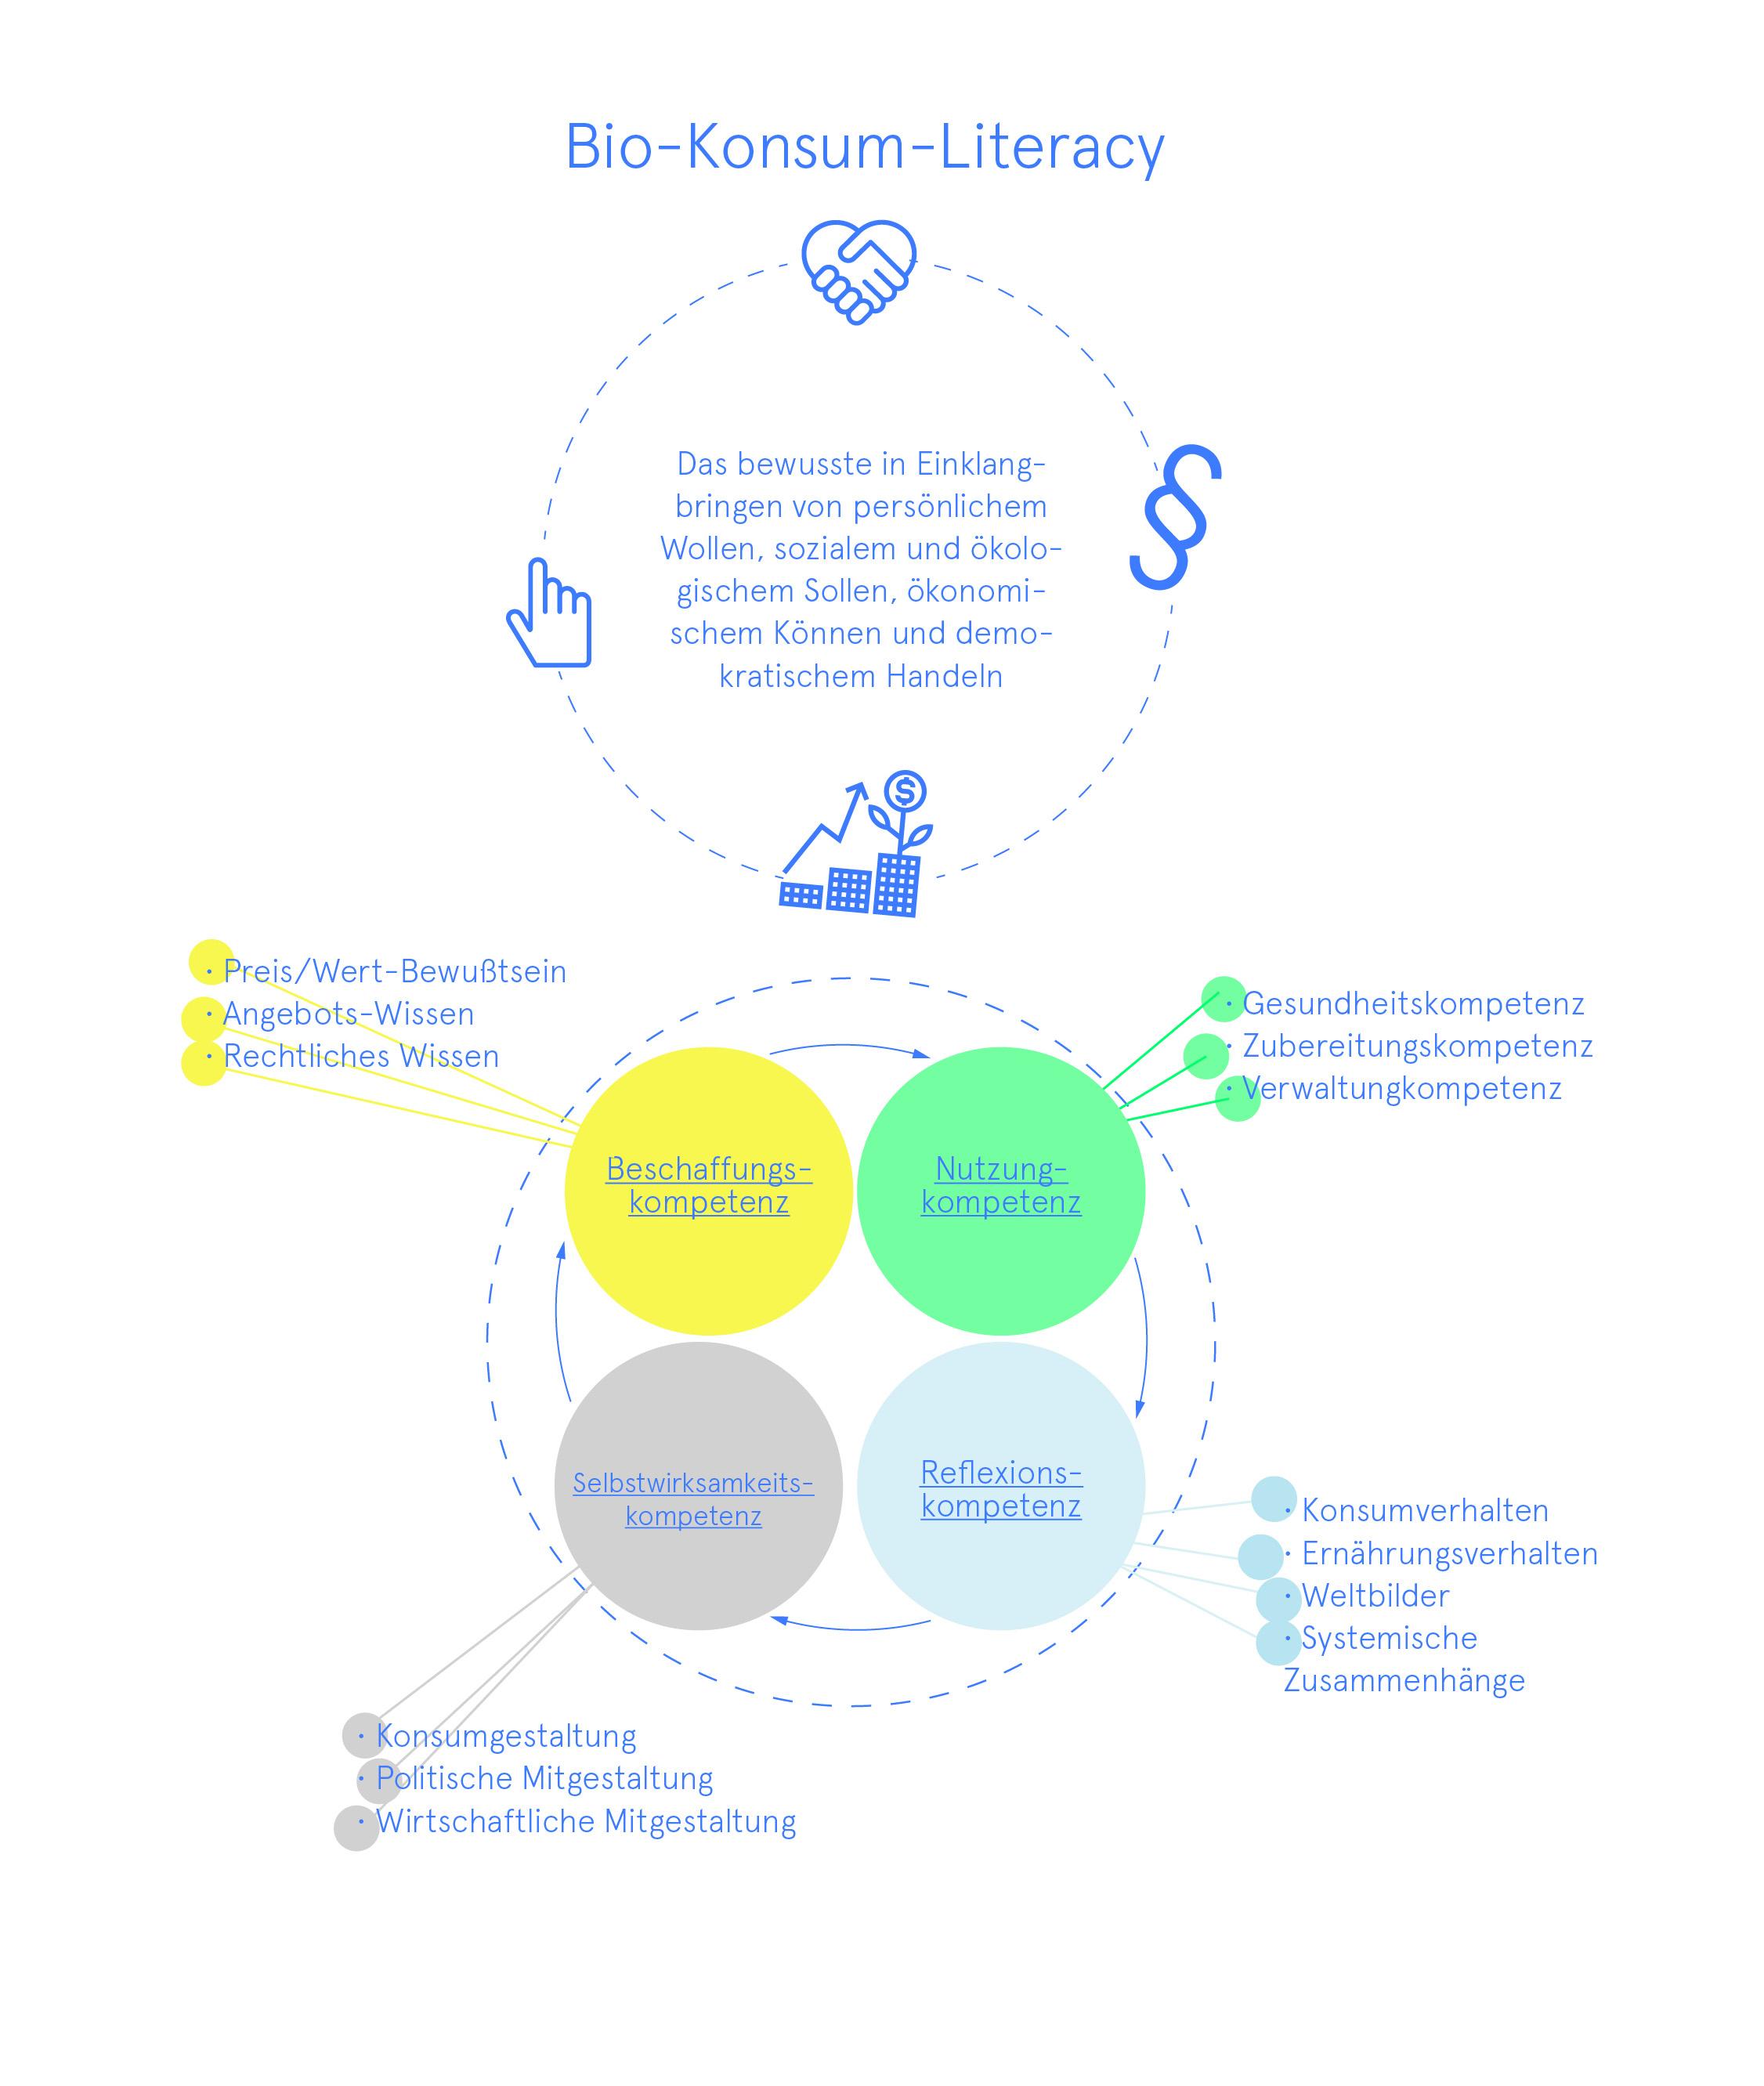 Bio-Konsum-Literacy Gesundheitskompetenz Zubereitungskompetenz Konsumverhalten Bio-Lebensmittel Wissensvisualisierung